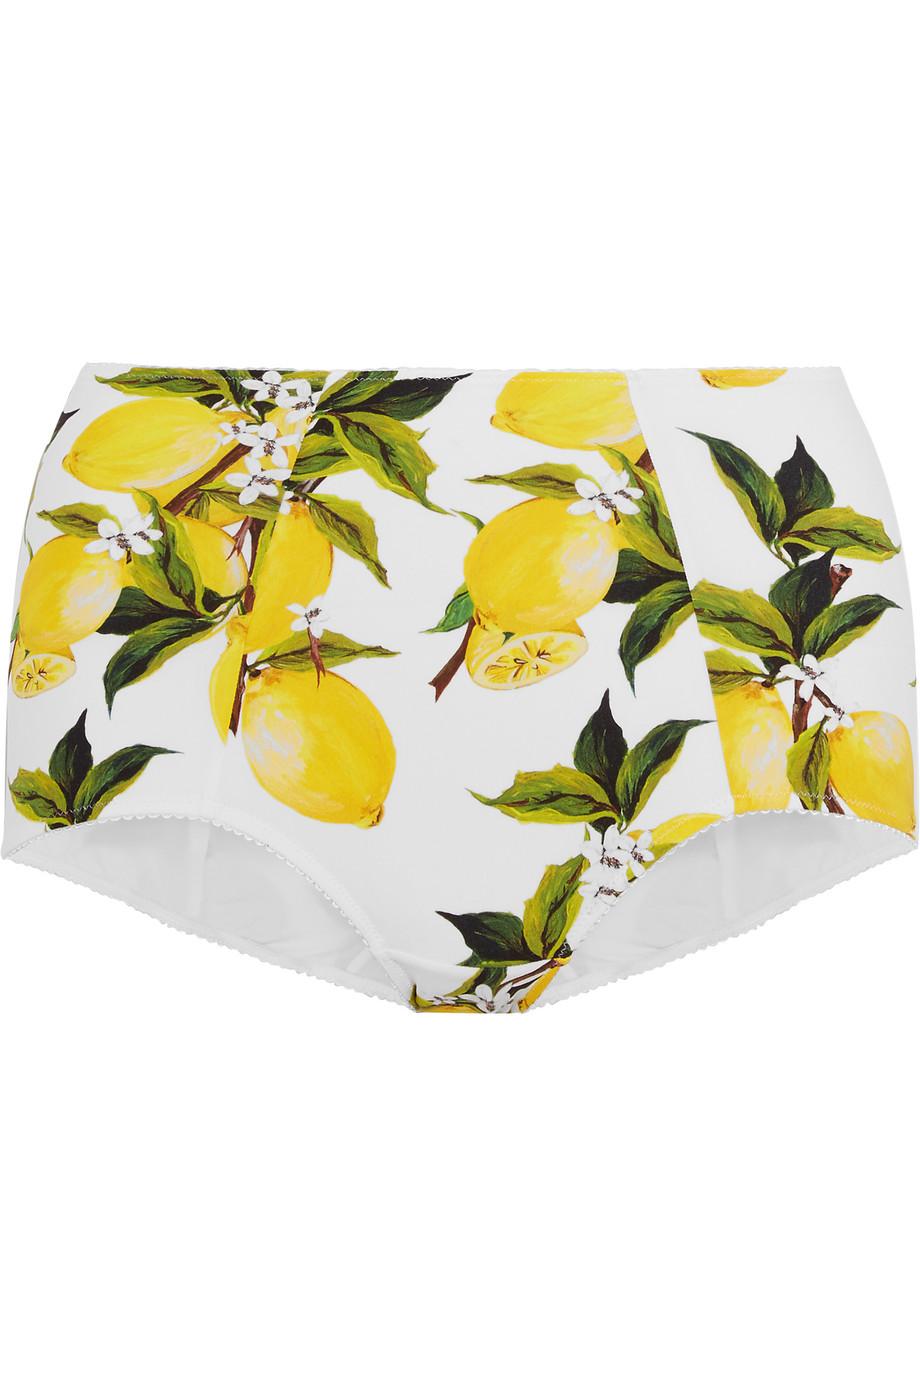 Dolce & Gabbana Printed Bikini Briefs, Yellow, Women's, Size: 1